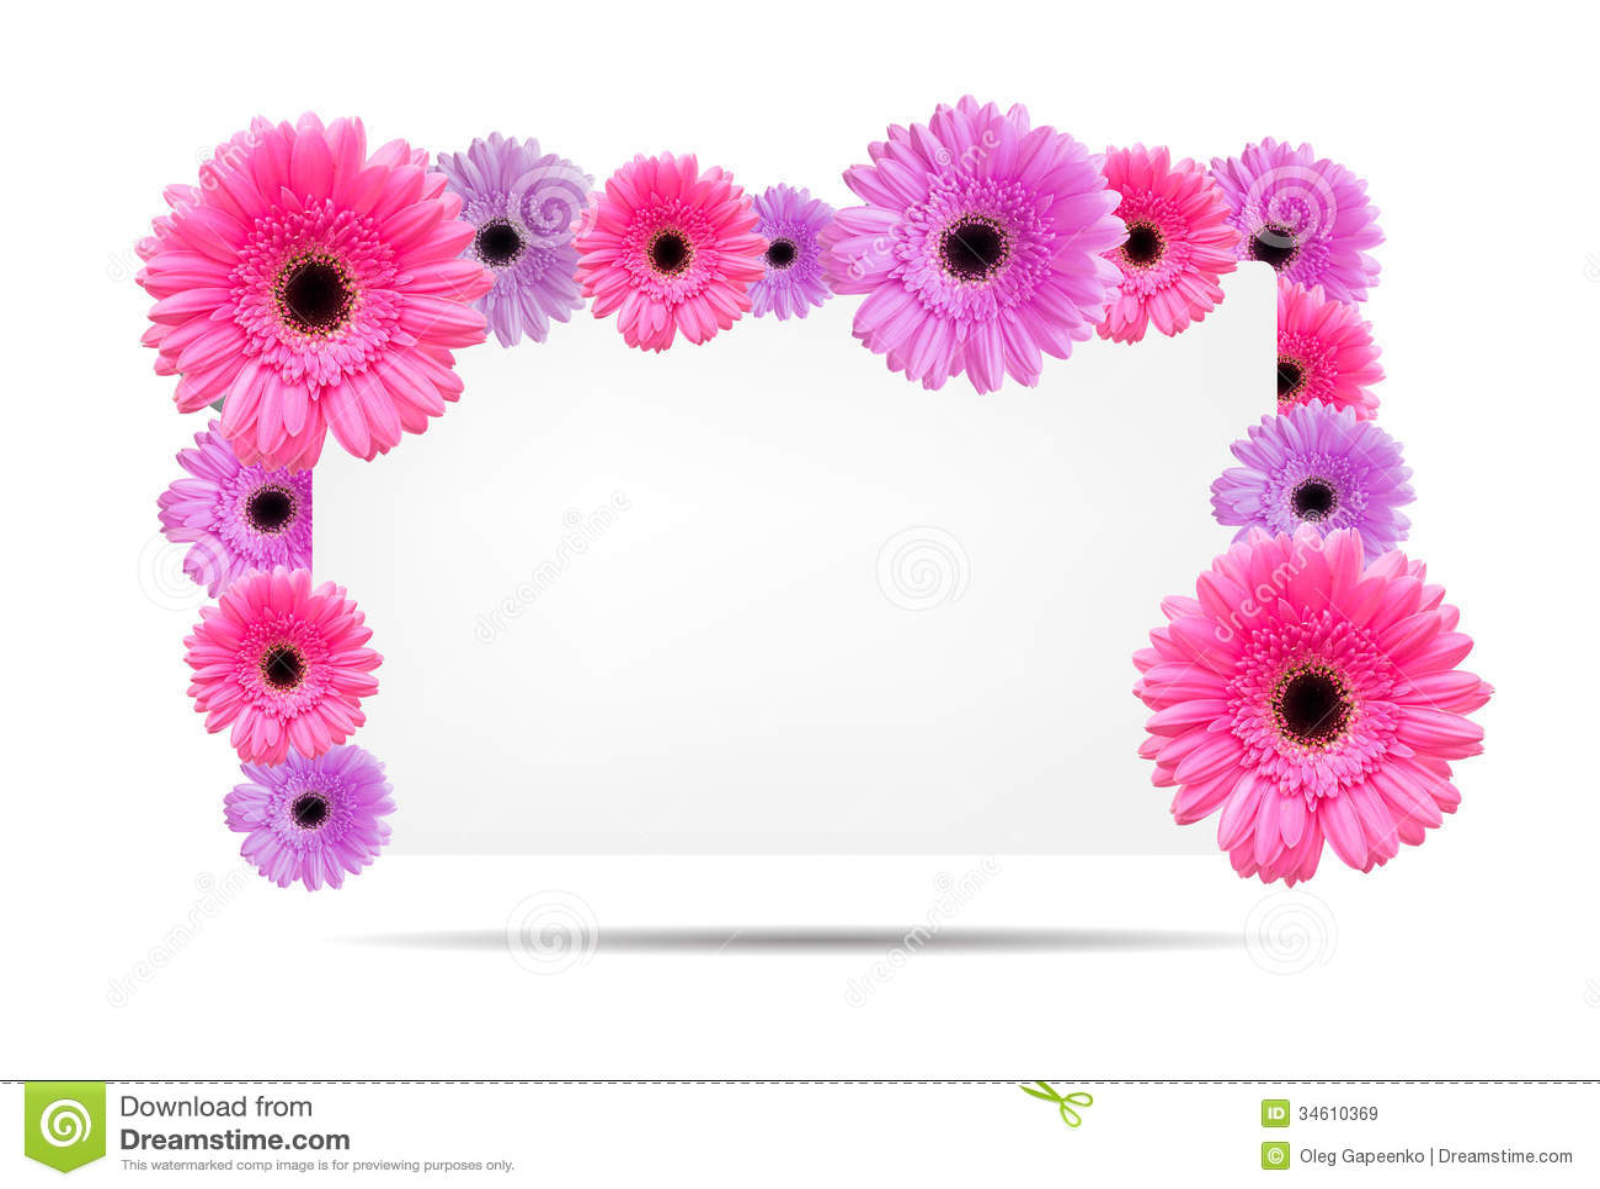 Flores Do Gerbera Com Molde Branco Do Cartu00e3o Imagens de Stock Royalty ...